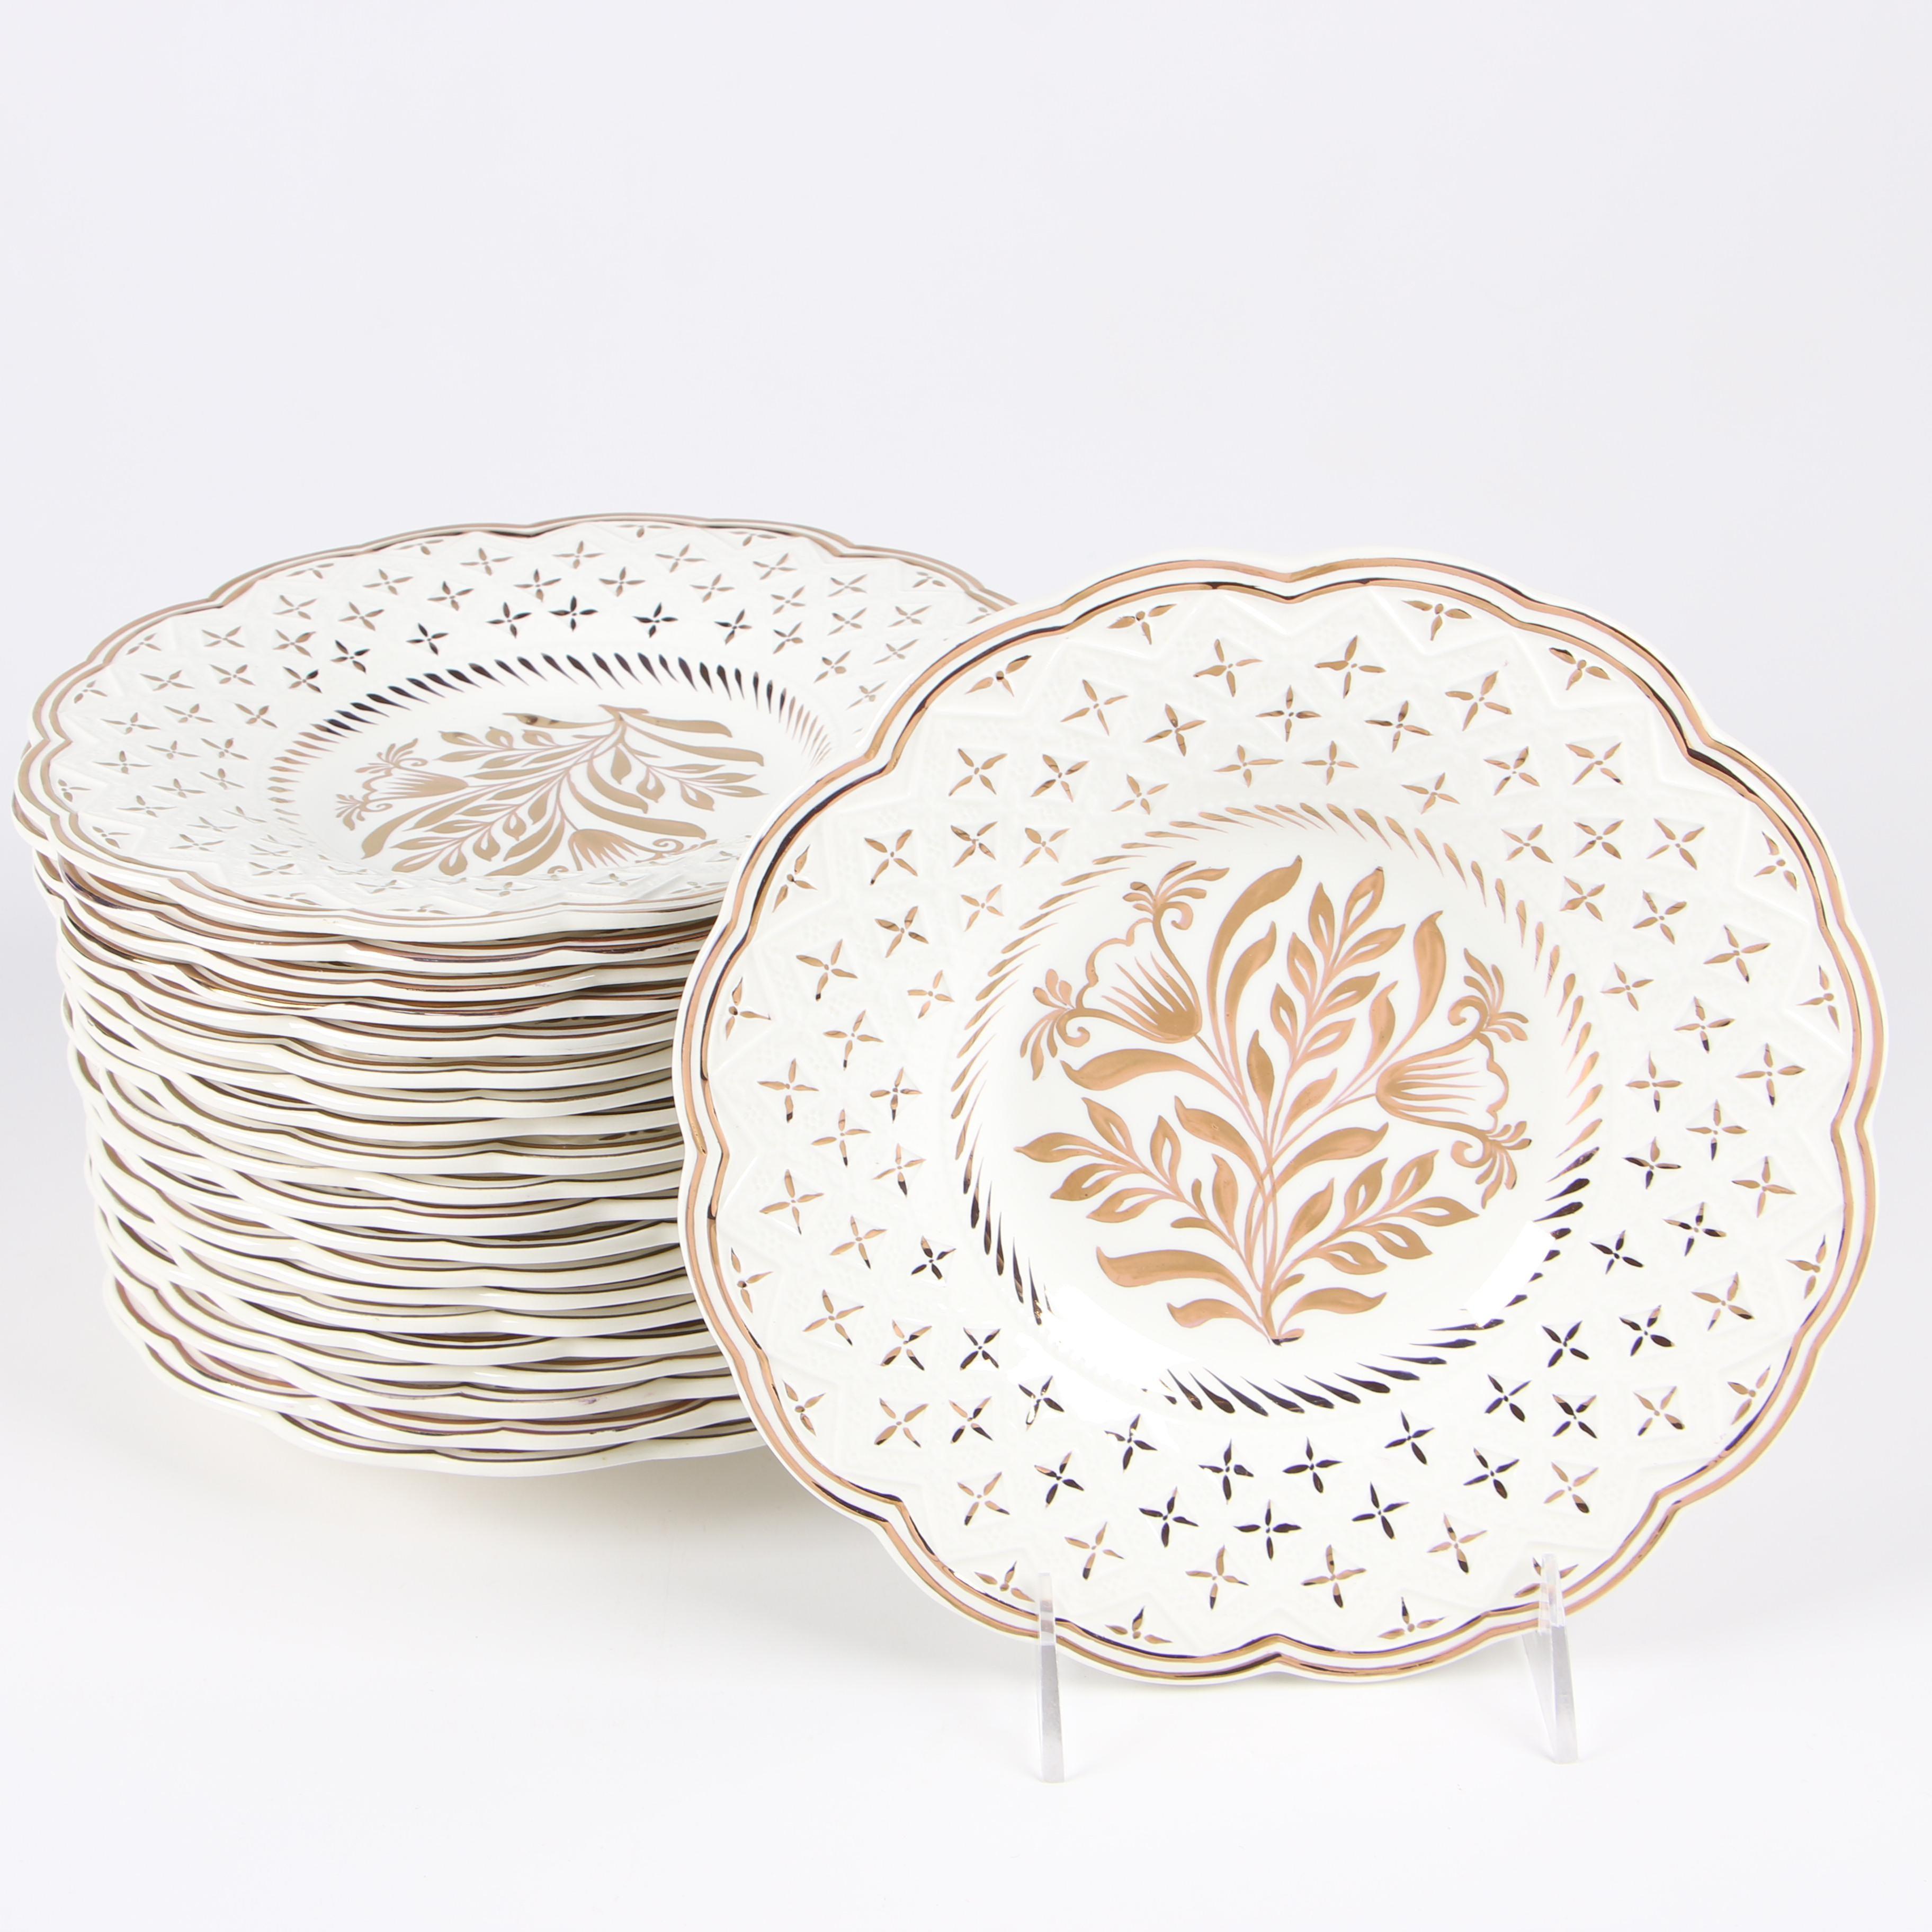 Wedgwood Gilded Bone China Salad Plates